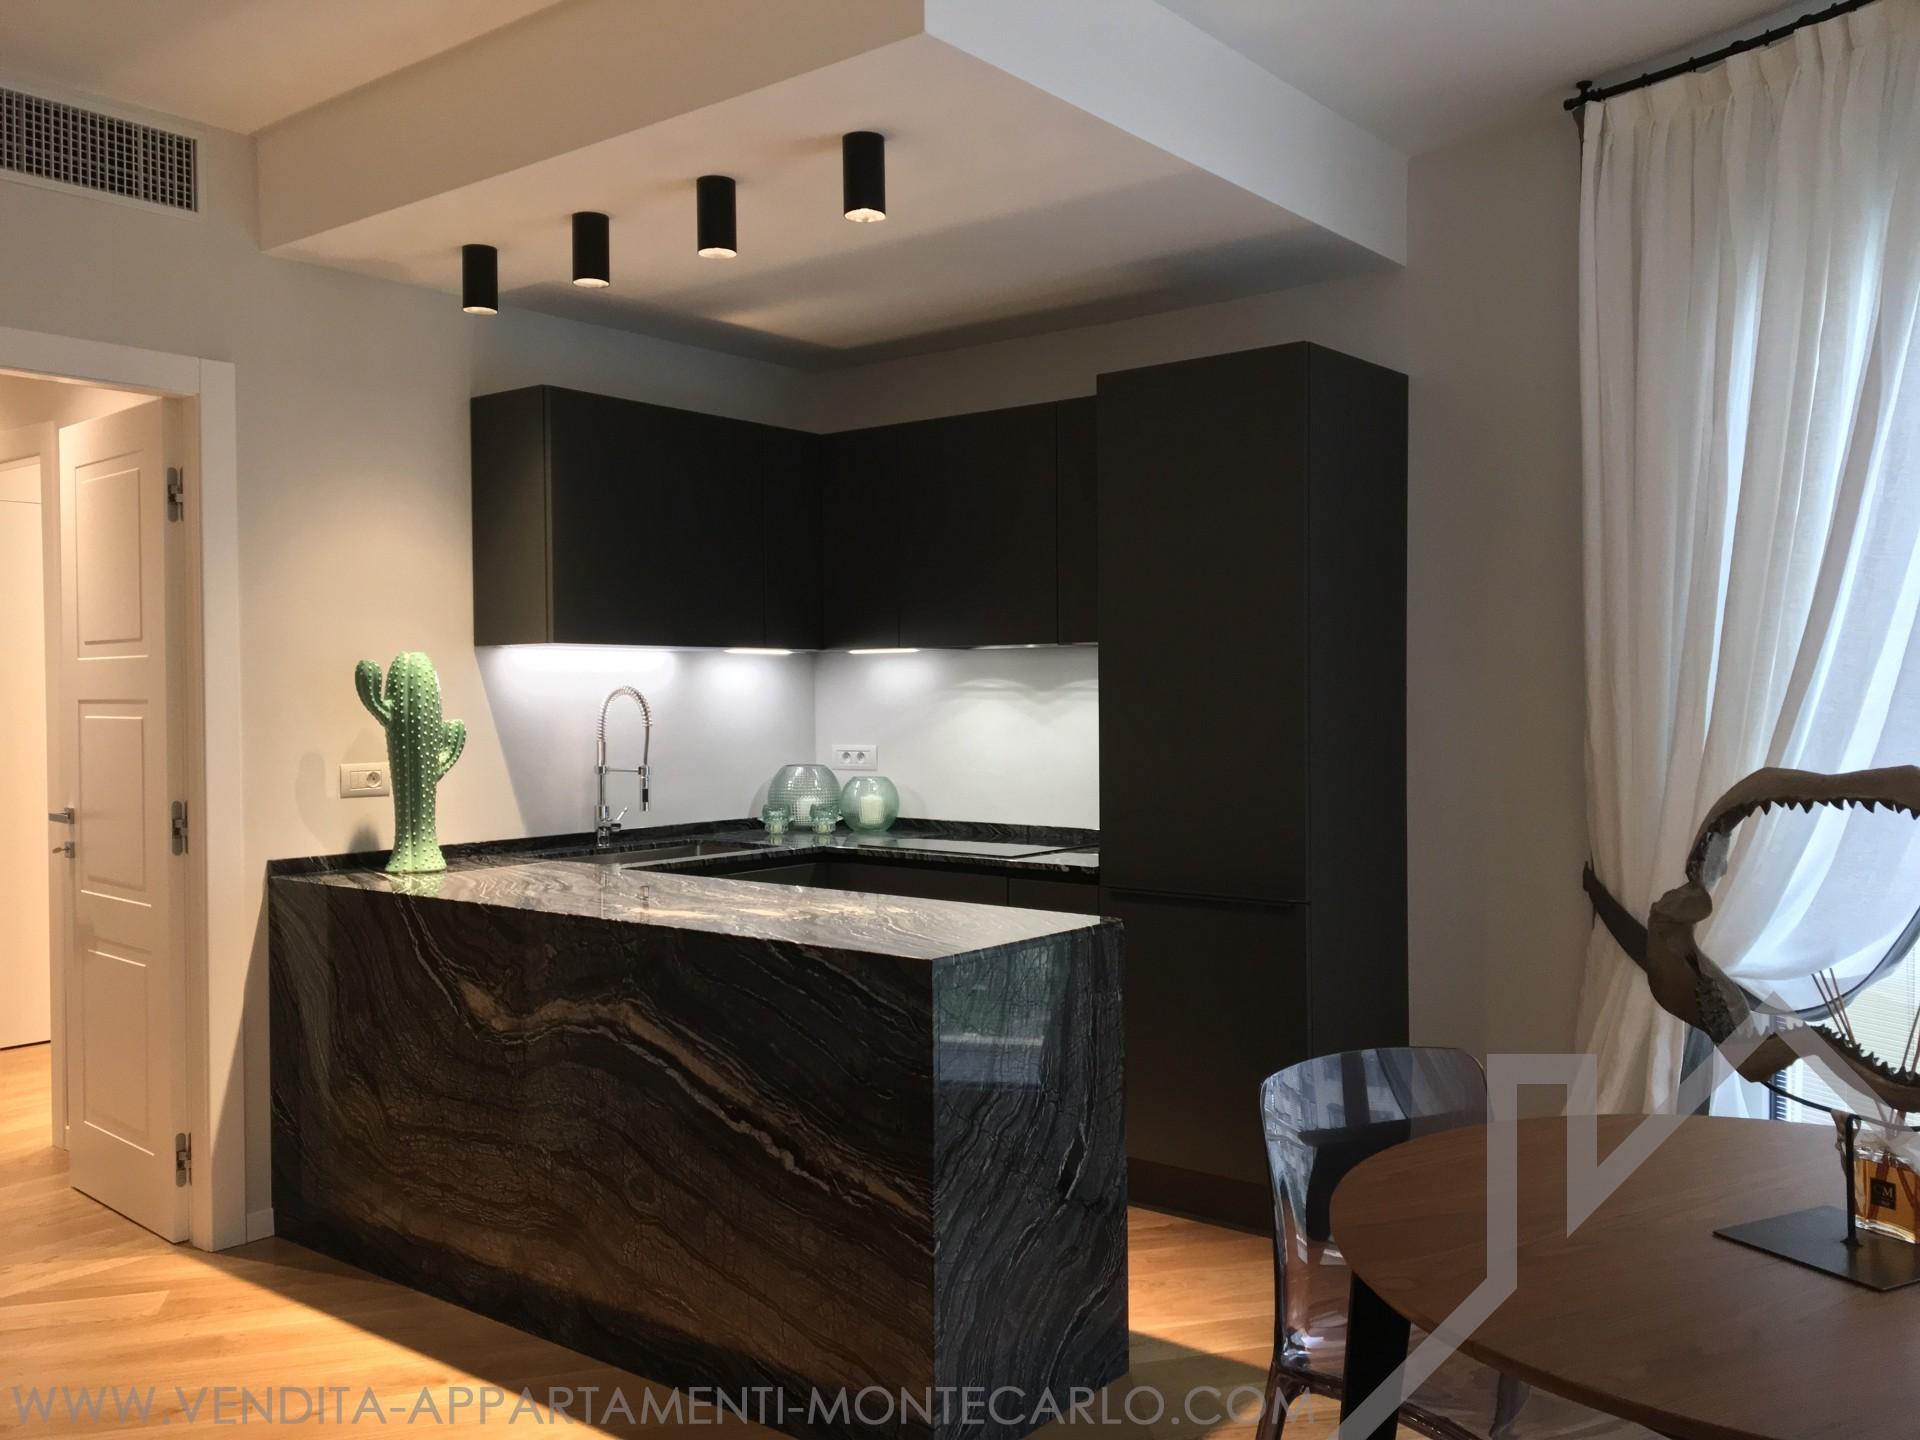 Meraviglioso appartamento ristrutturato moderno for Appartamenti ristrutturati